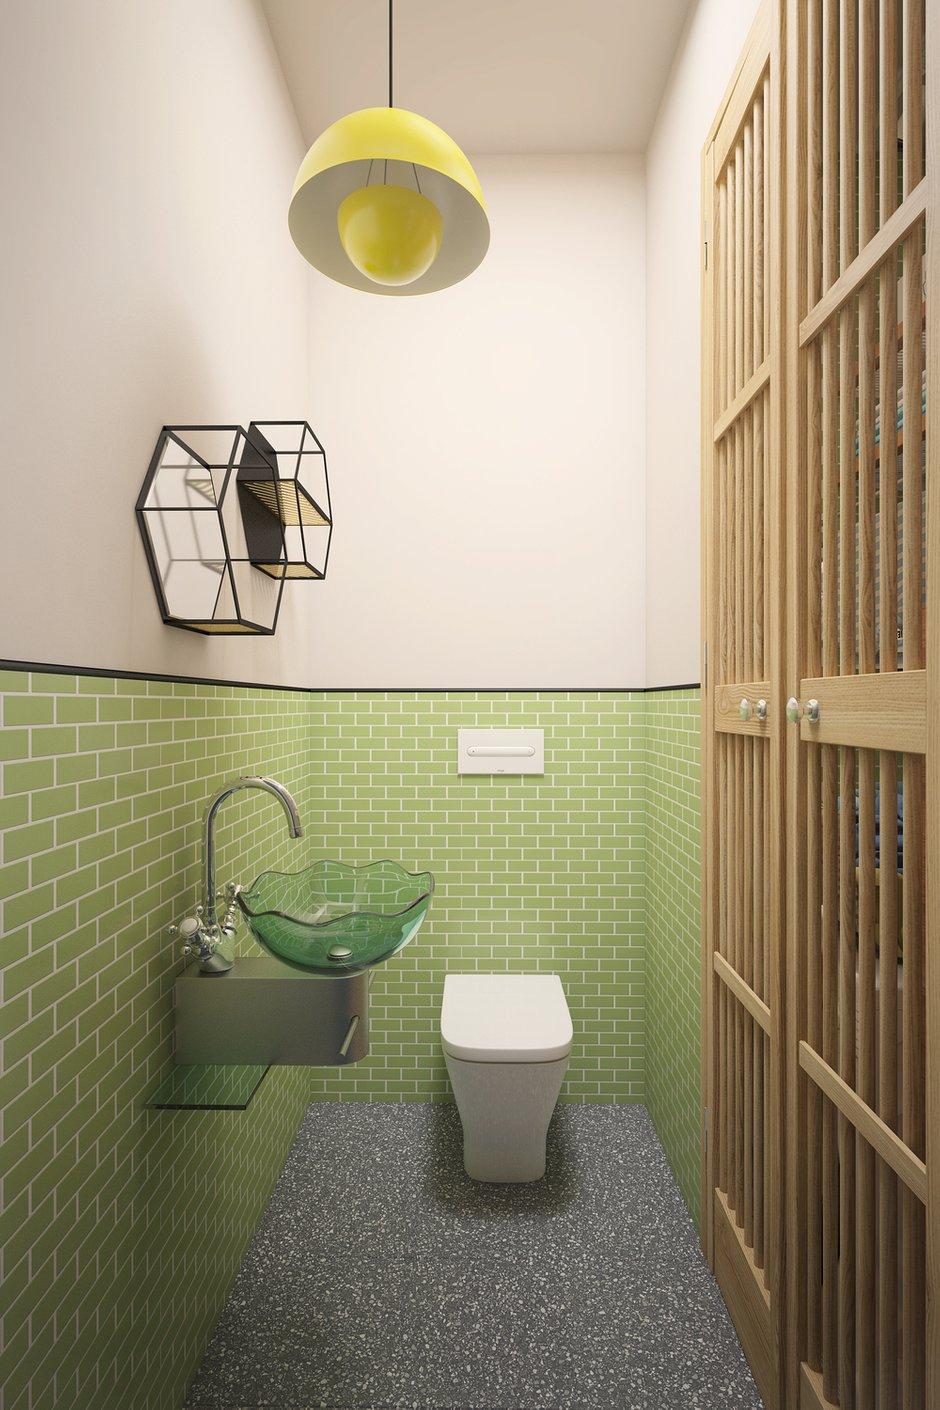 Фотография: Ванная в стиле Современный, Эклектика, Квартира, Проект недели, Москва, Кирпичный дом, 2 комнаты, 60-90 метров, Манана Хучуа – фото на INMYROOM